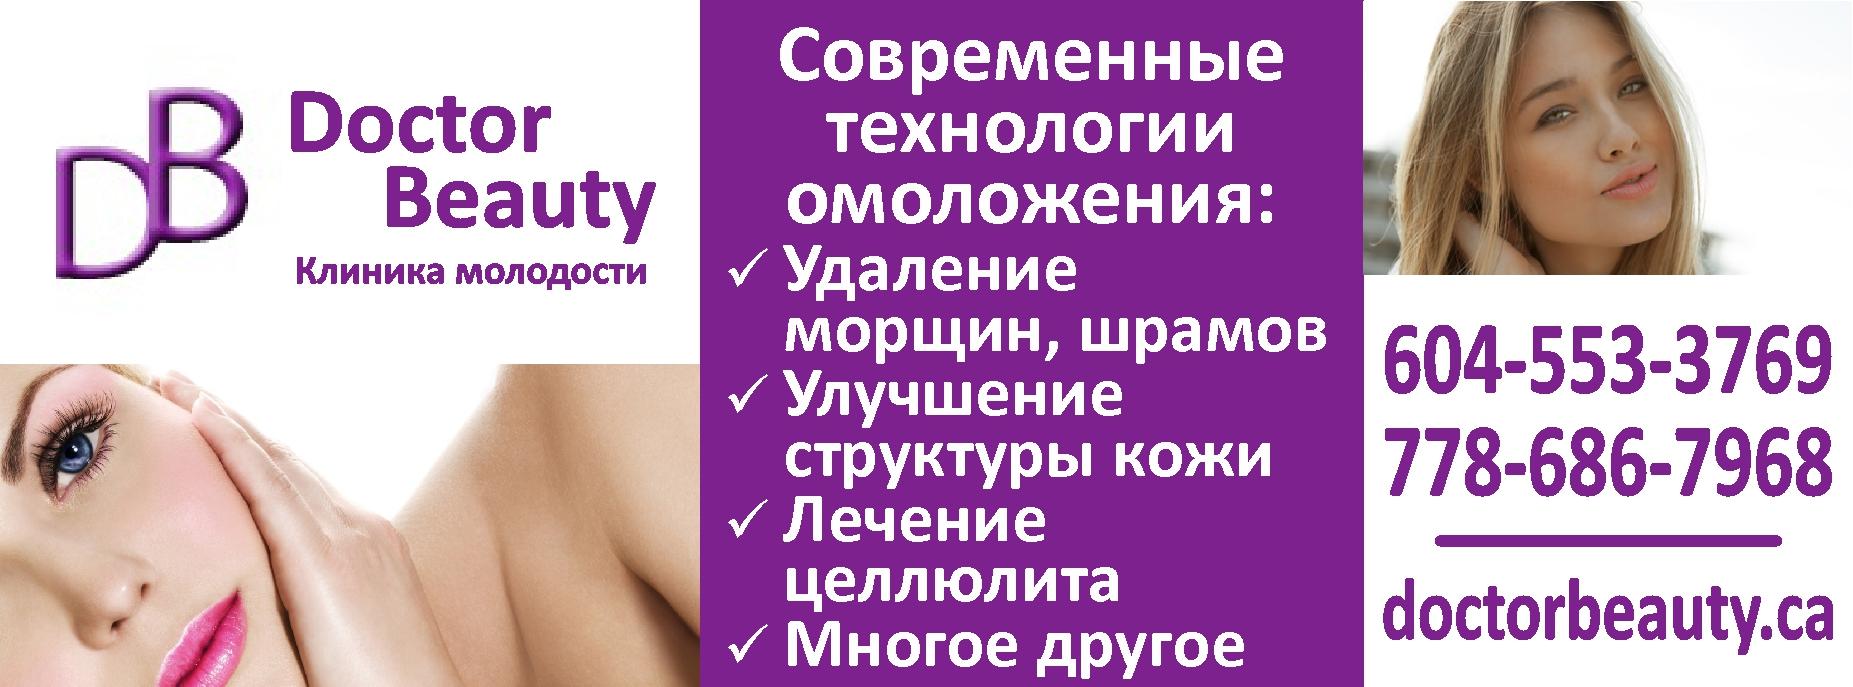 Современные технологии омоложения